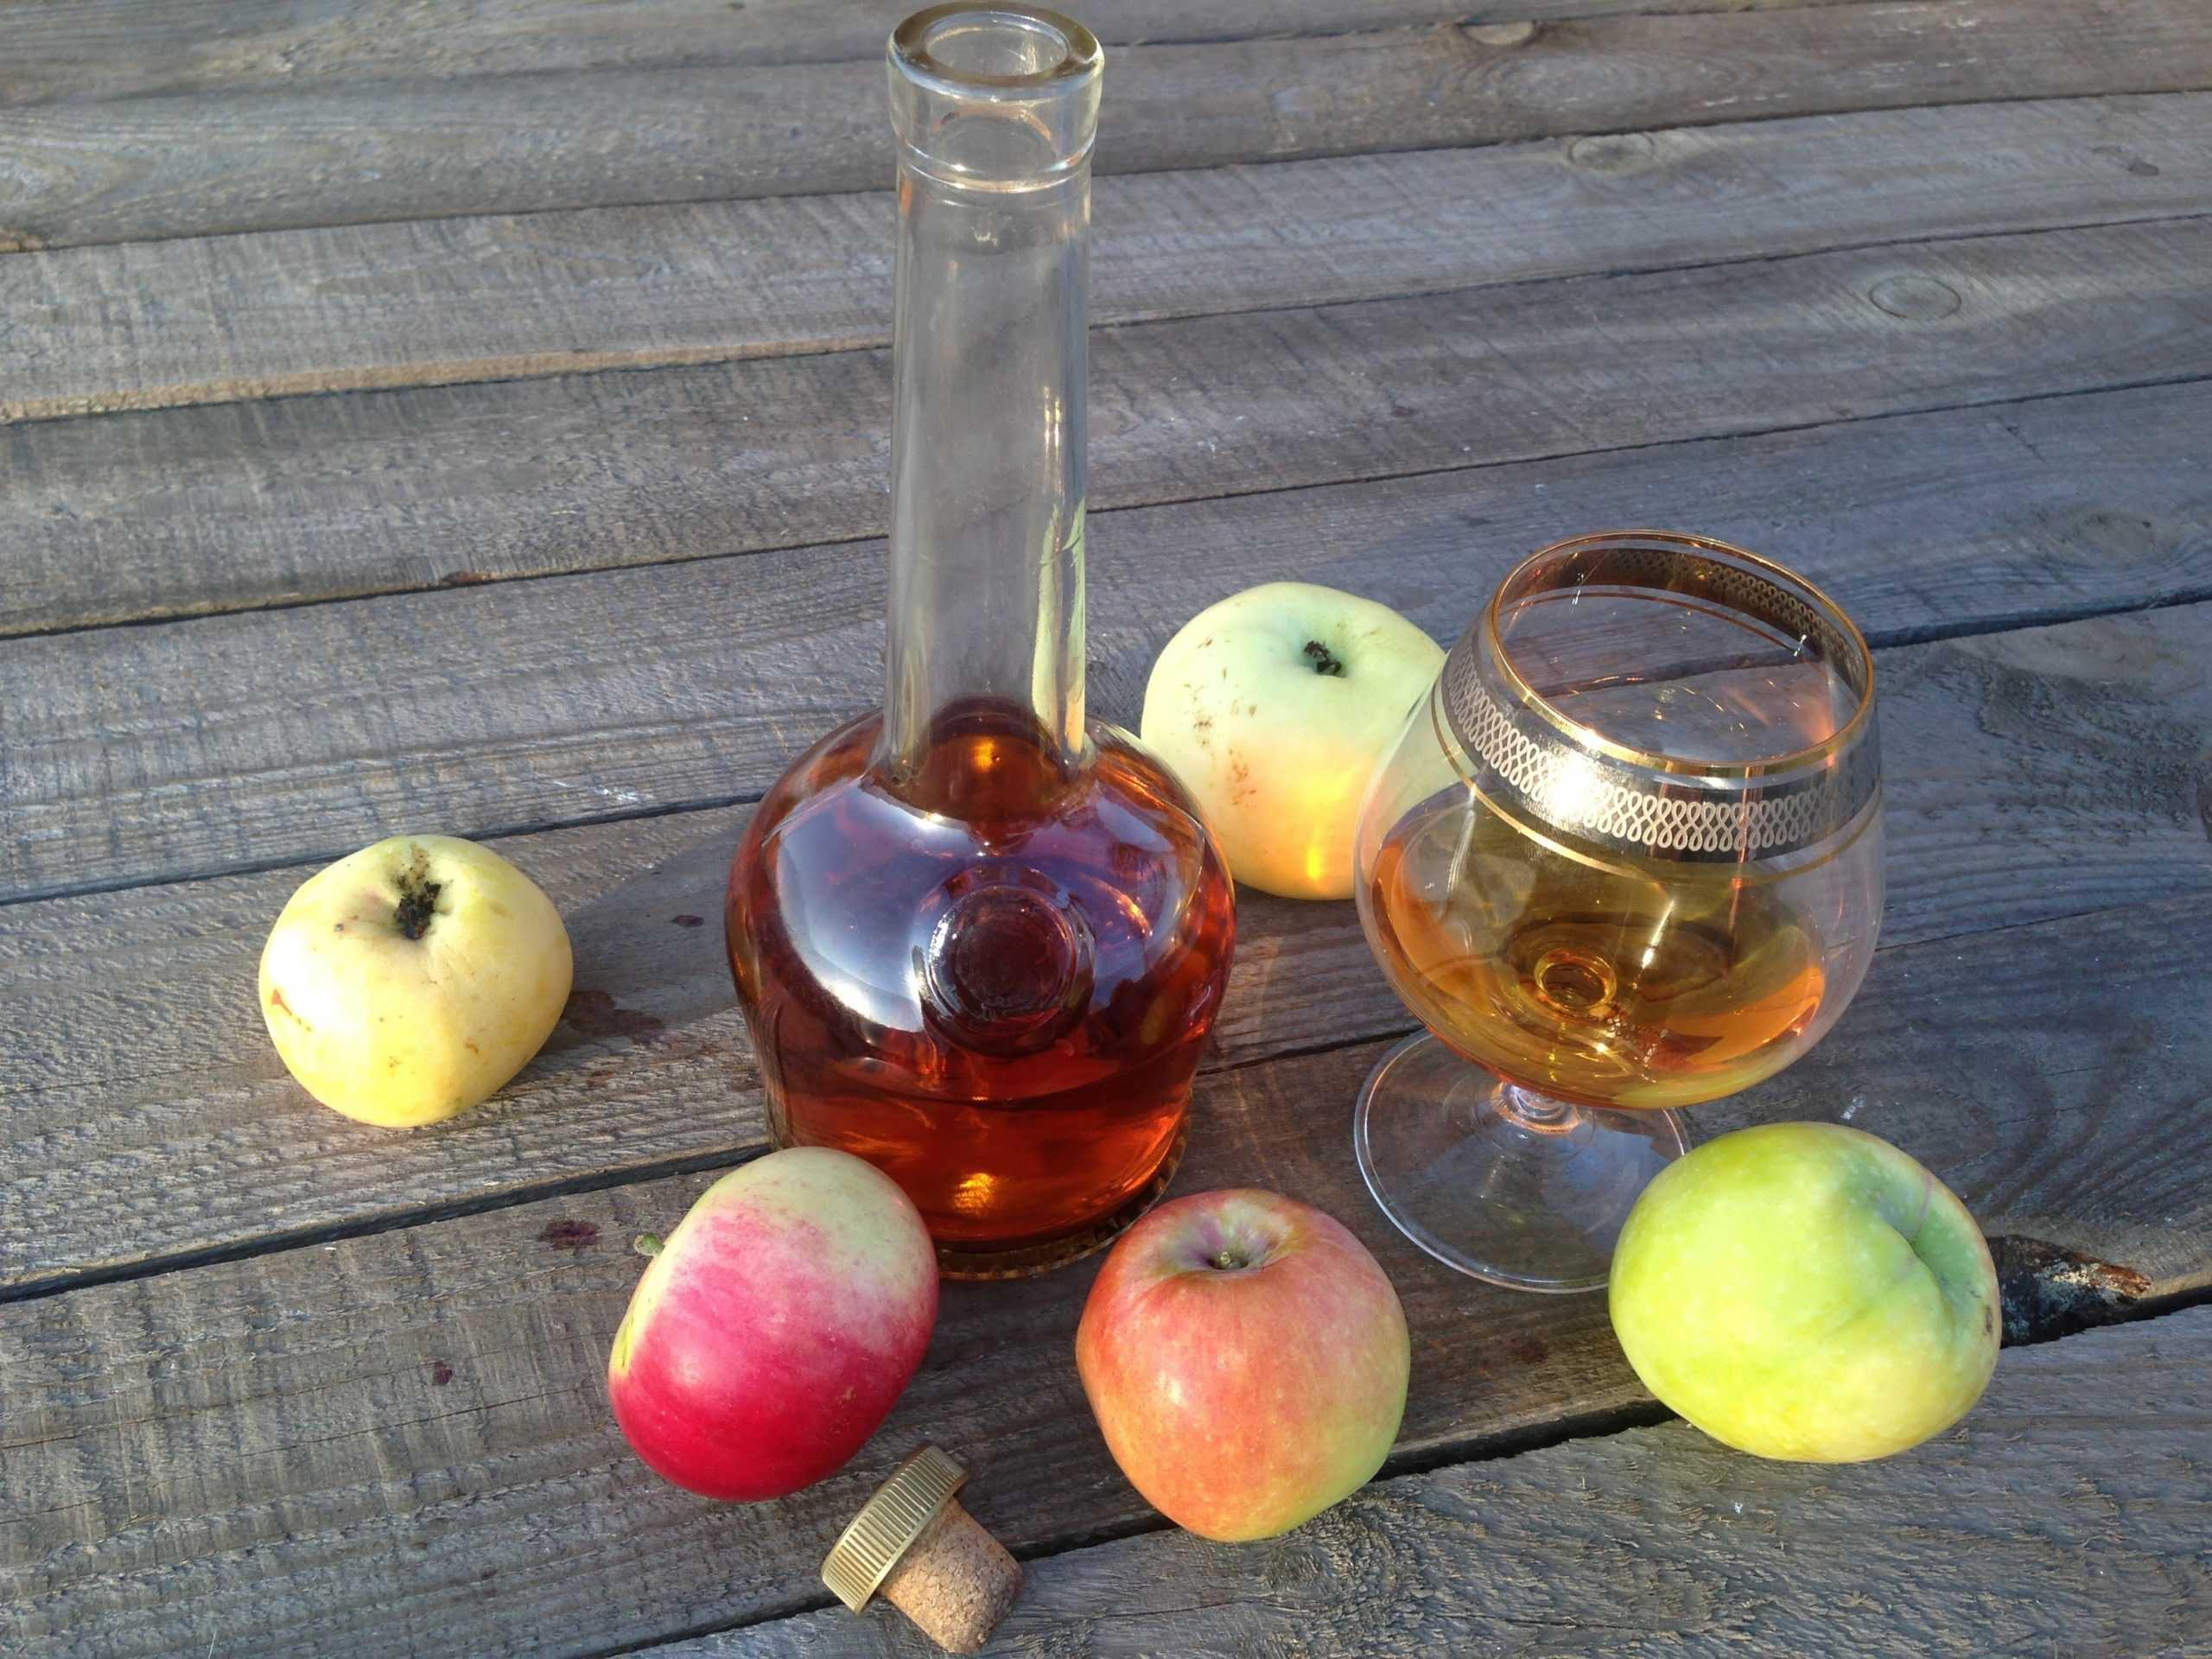 Брага из яблочного сока с дрожжами